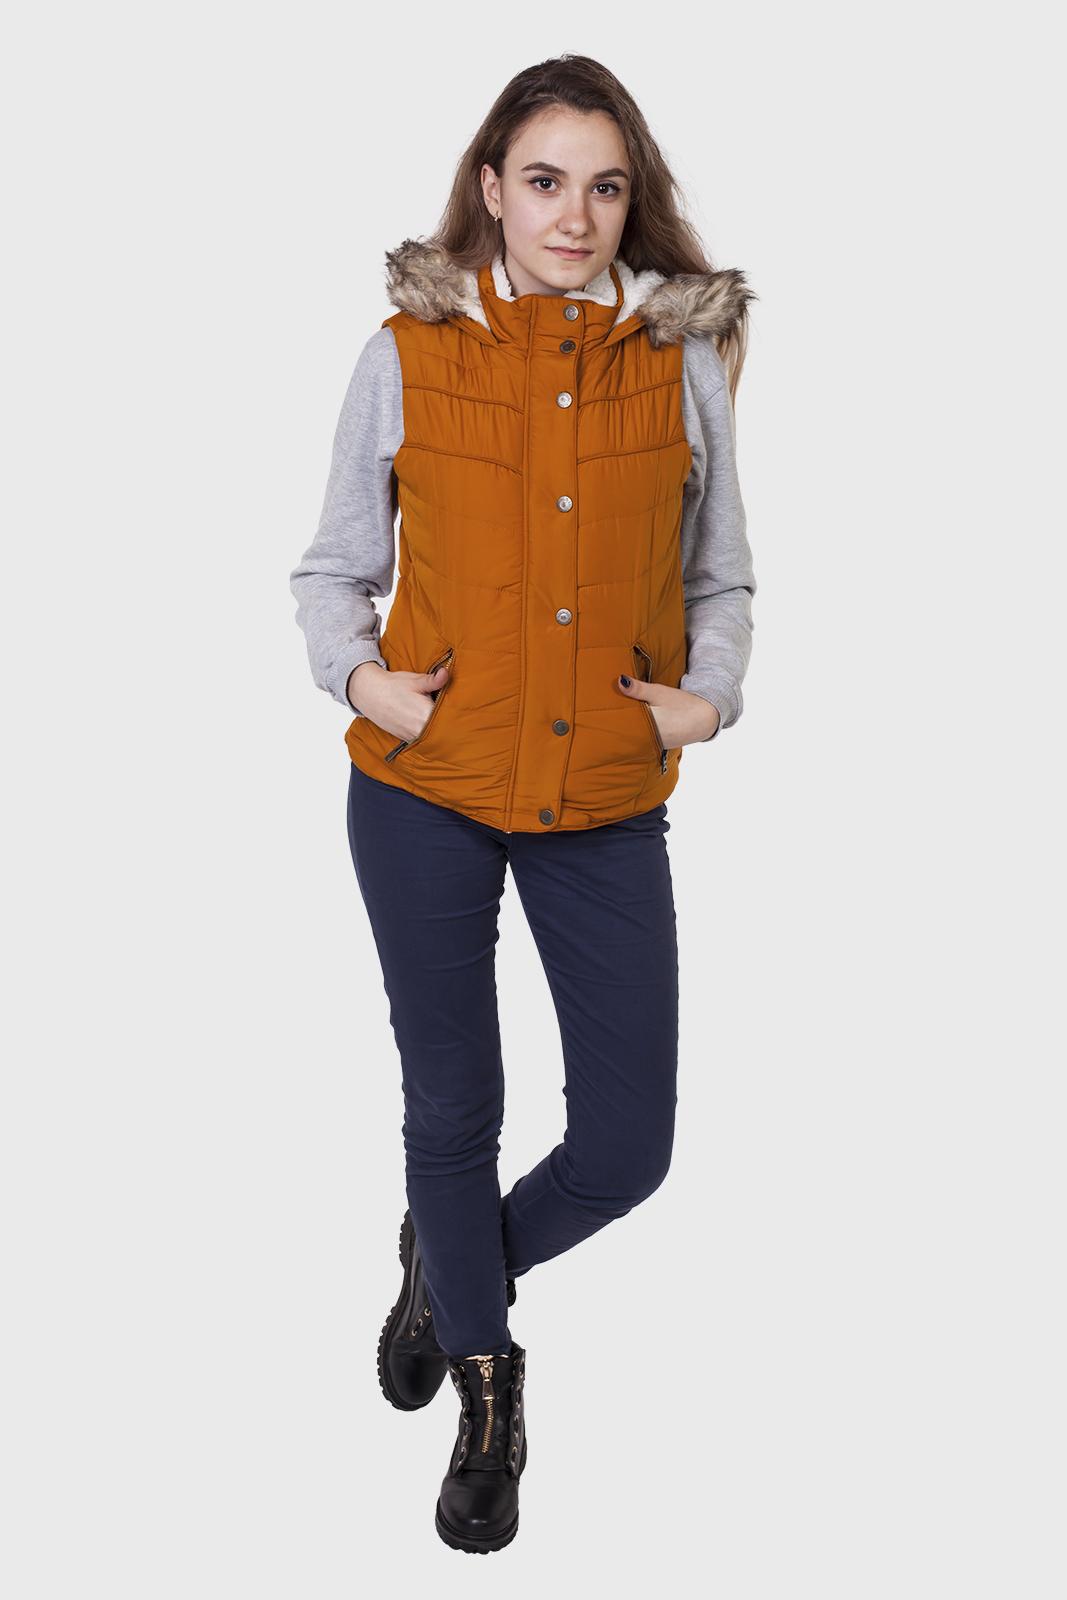 Женская куртка-жилет от Aeropostale (США) доступна для заказа